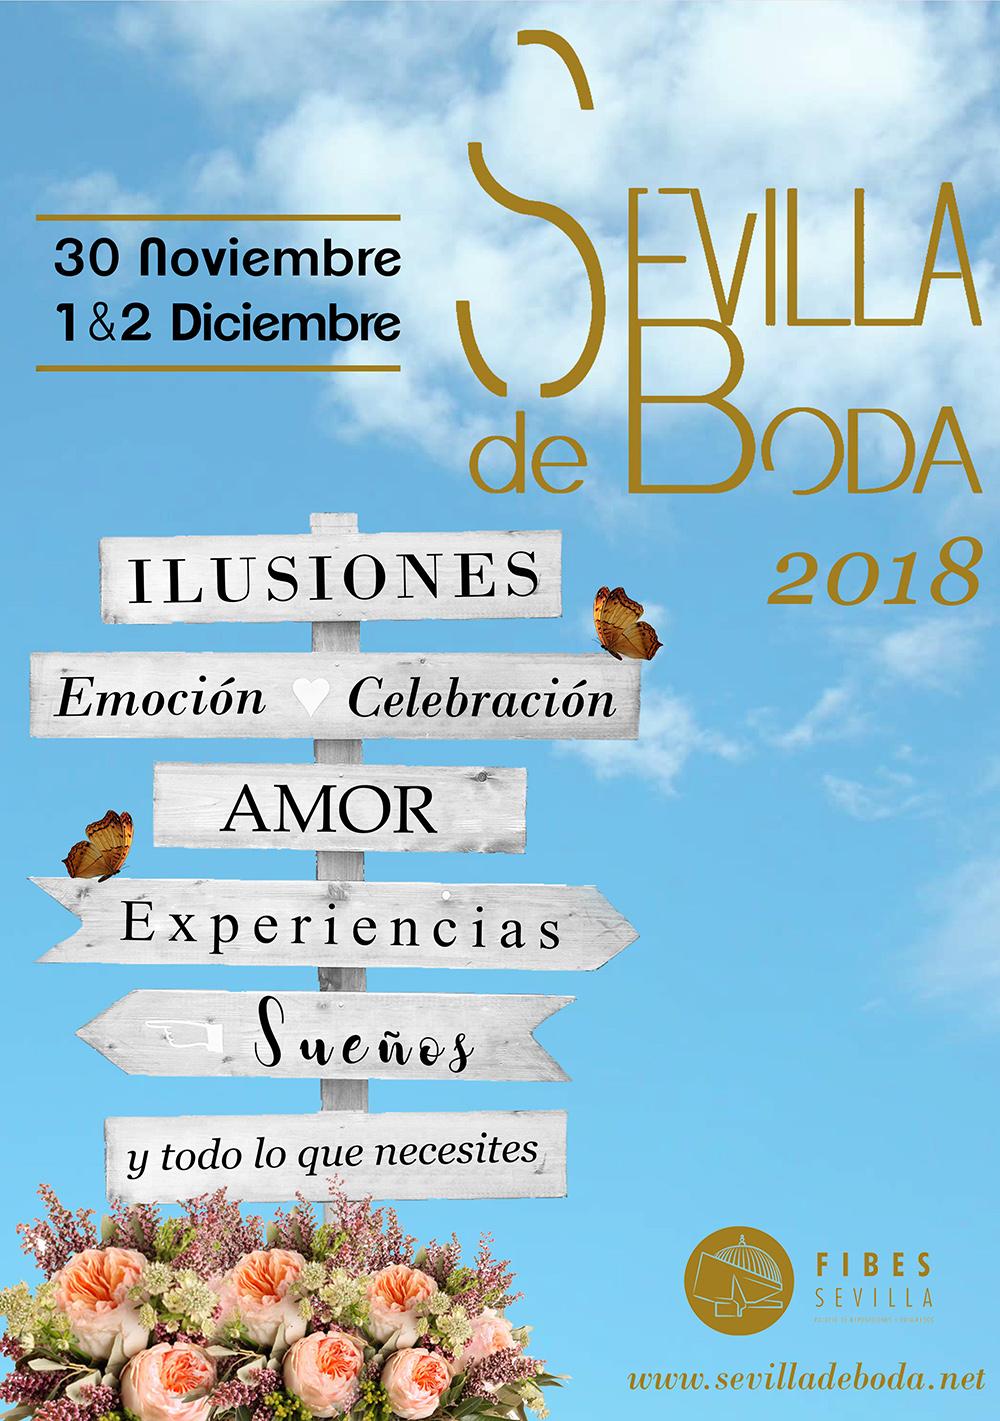 Sevilla de Bodas 2018 in den Fibes